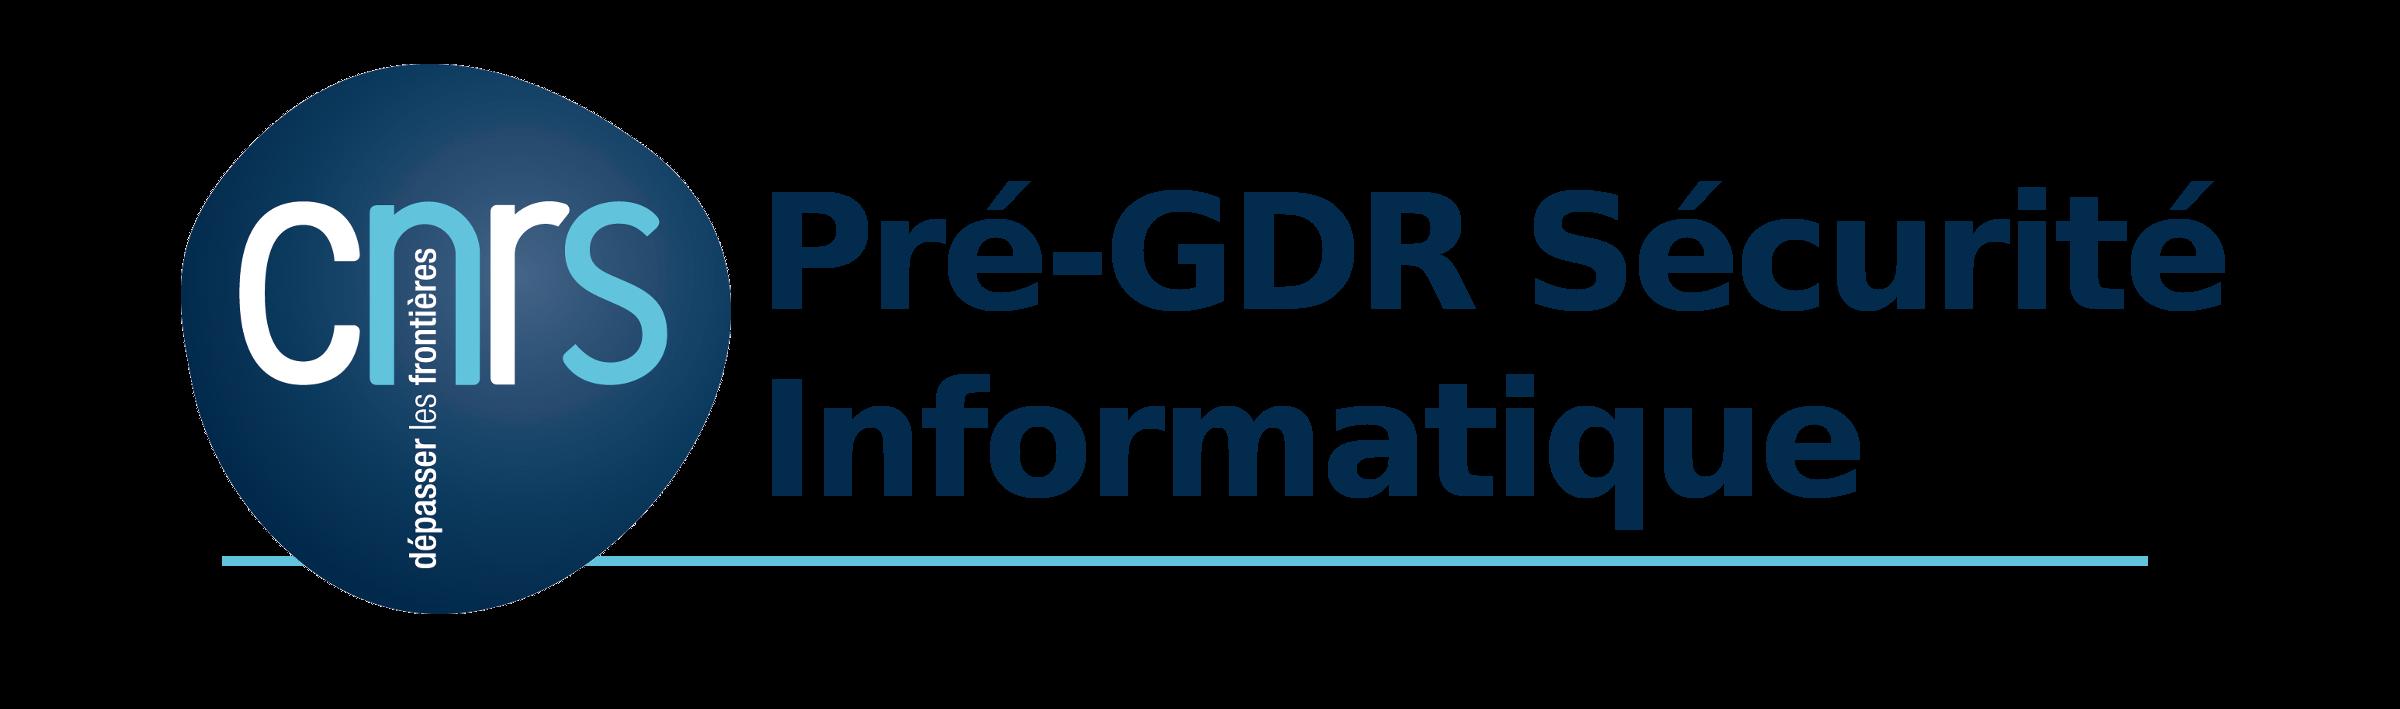 Pré-Gdr Sécurité Informatique (Label)